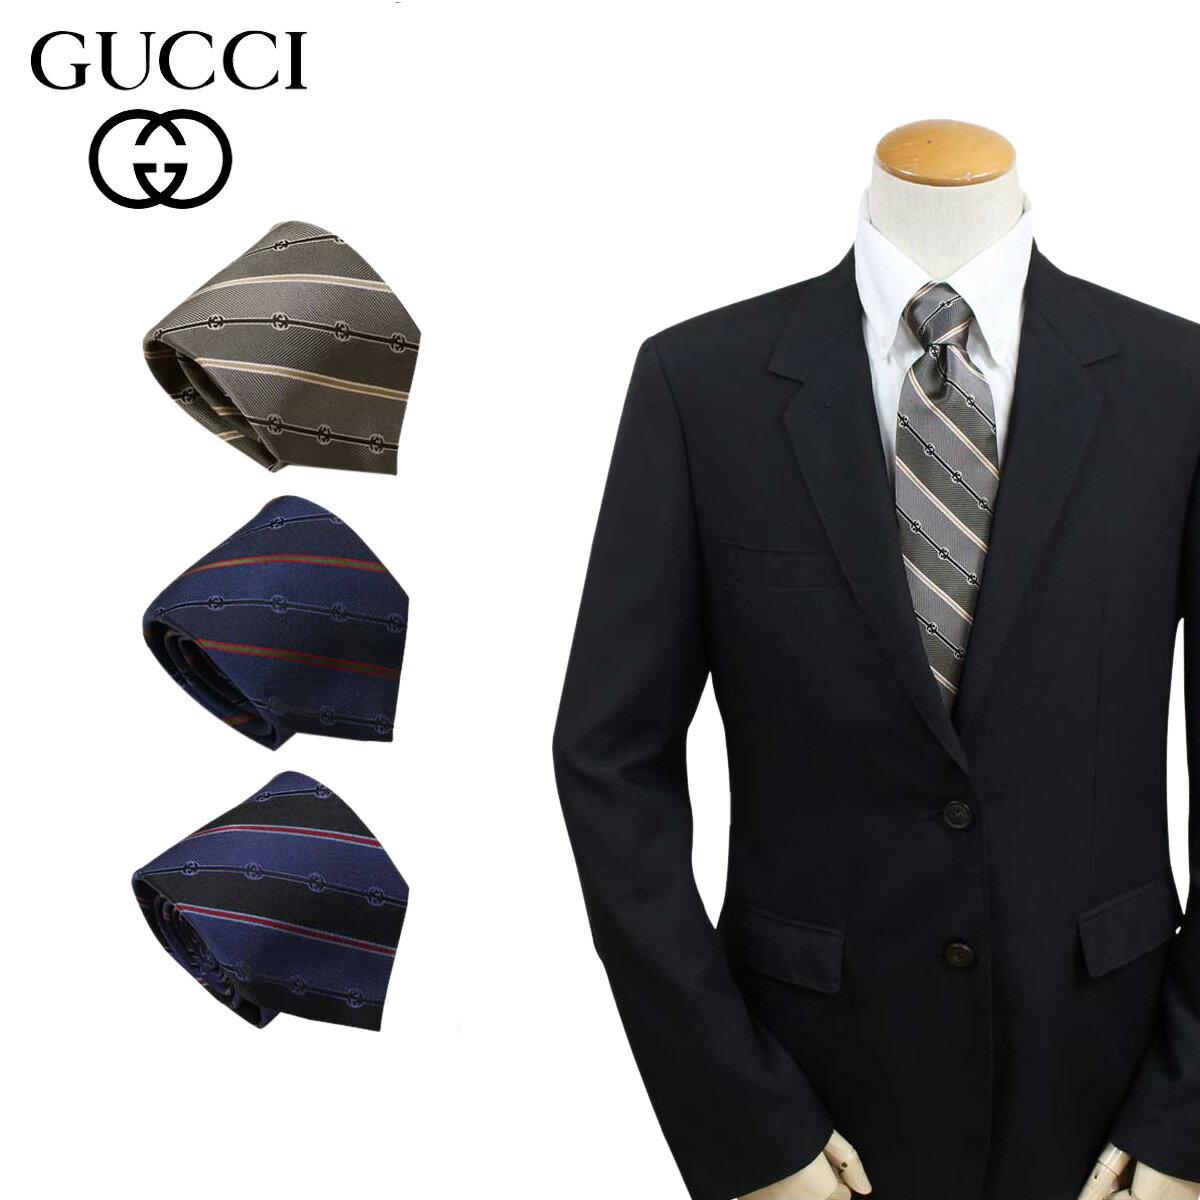 スーツ用ファッション小物, ネクタイ  GUCCI TIE